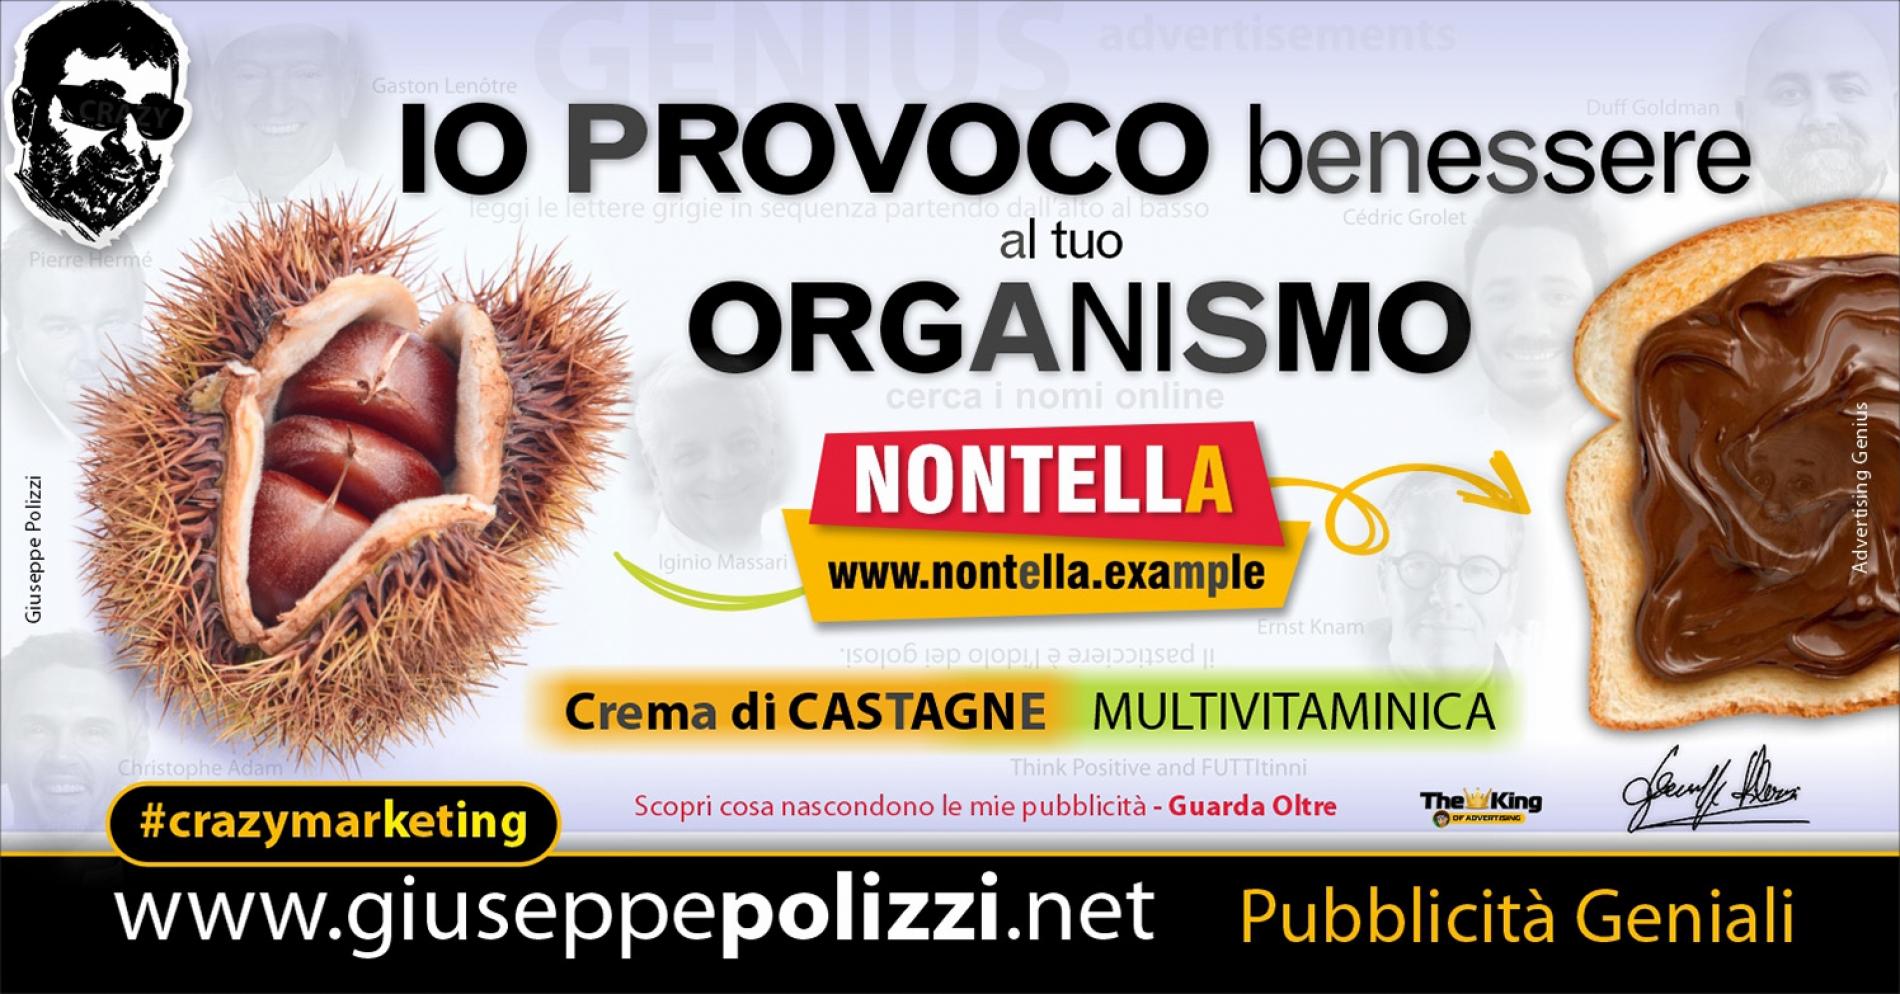 Giuseppe Polizzi crazymarketing IO PROVOCO pubblicità geniali